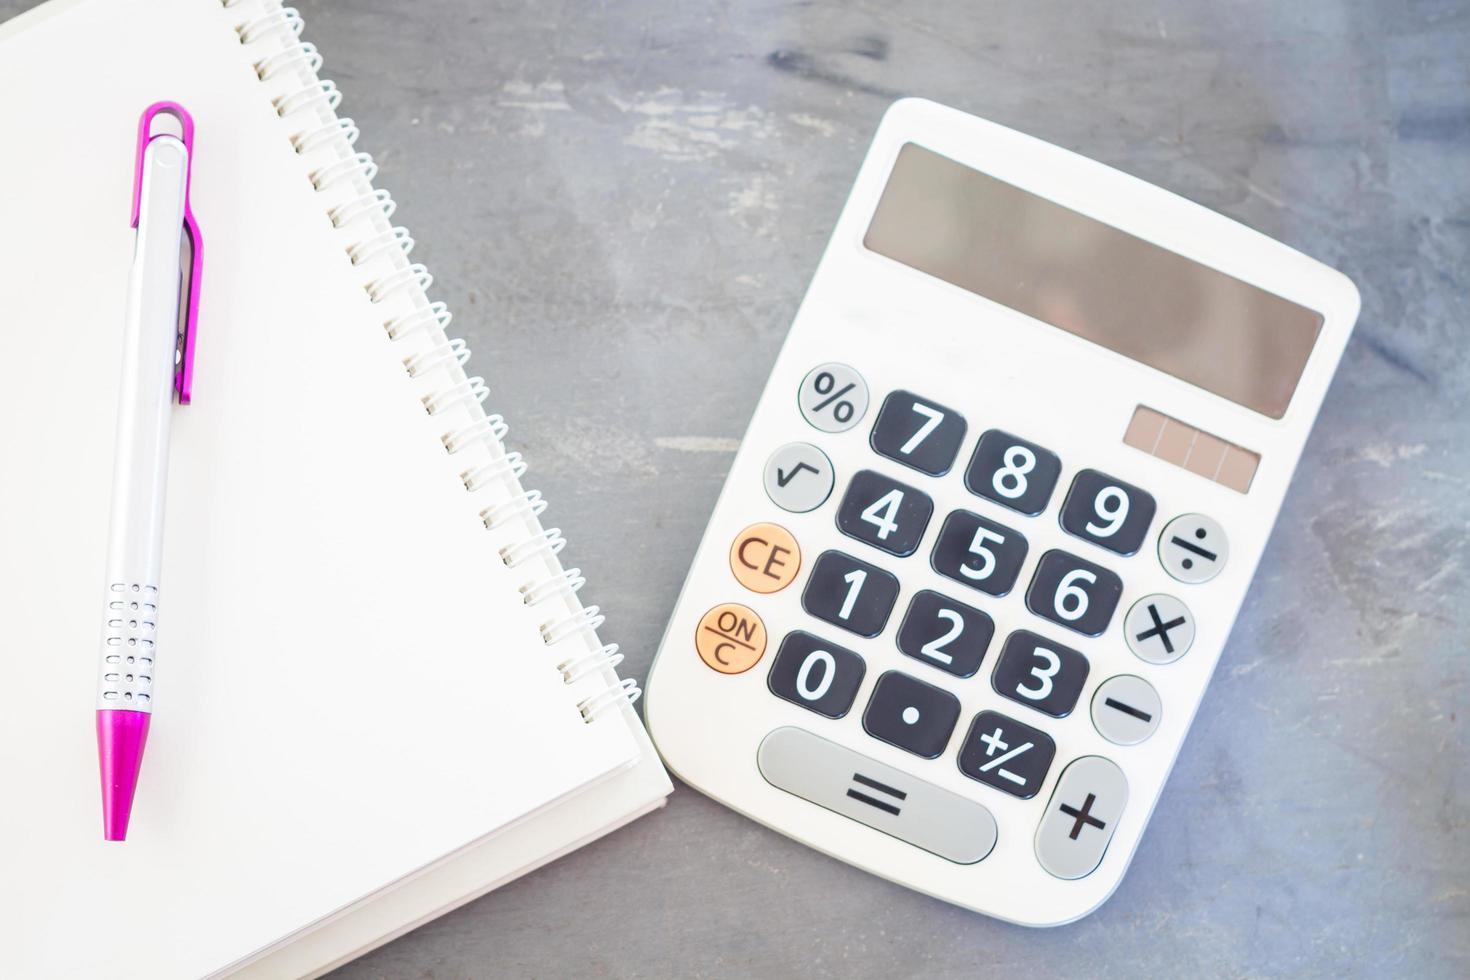 Taschenrechner und Notizblock auf grauem Hintergrund foto